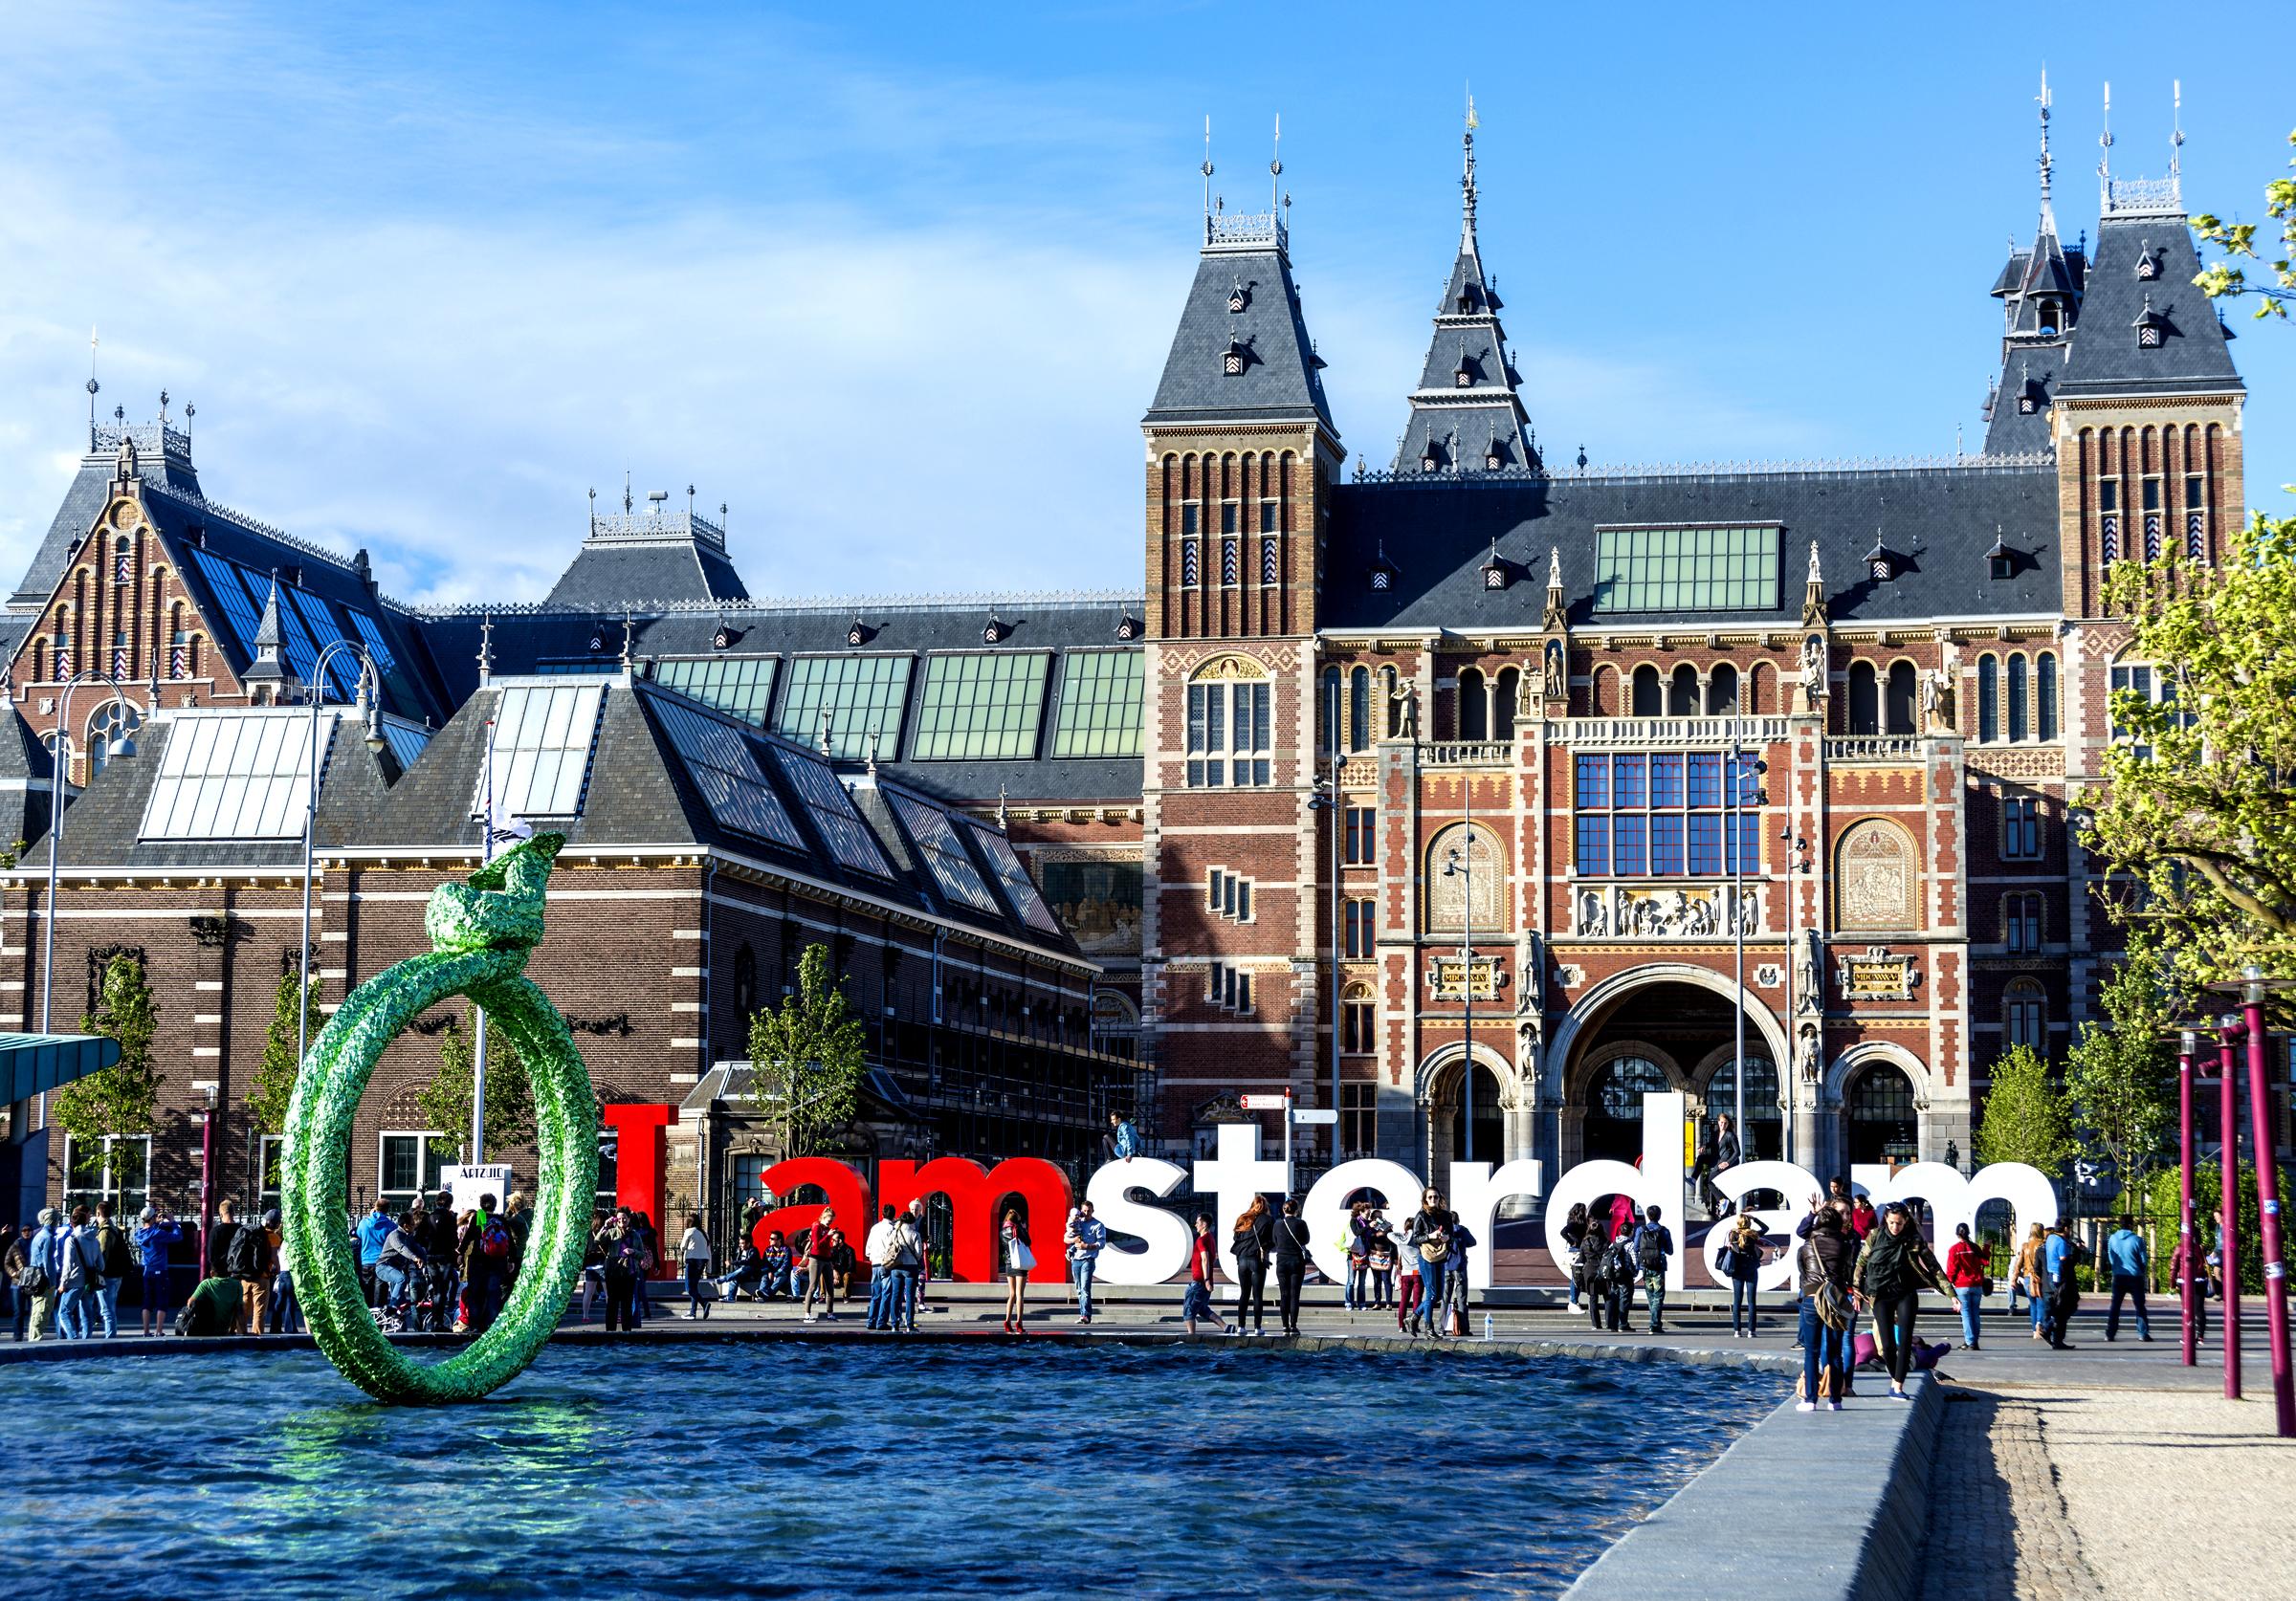 Rijksmuseum in Amsterdam, Netherlands